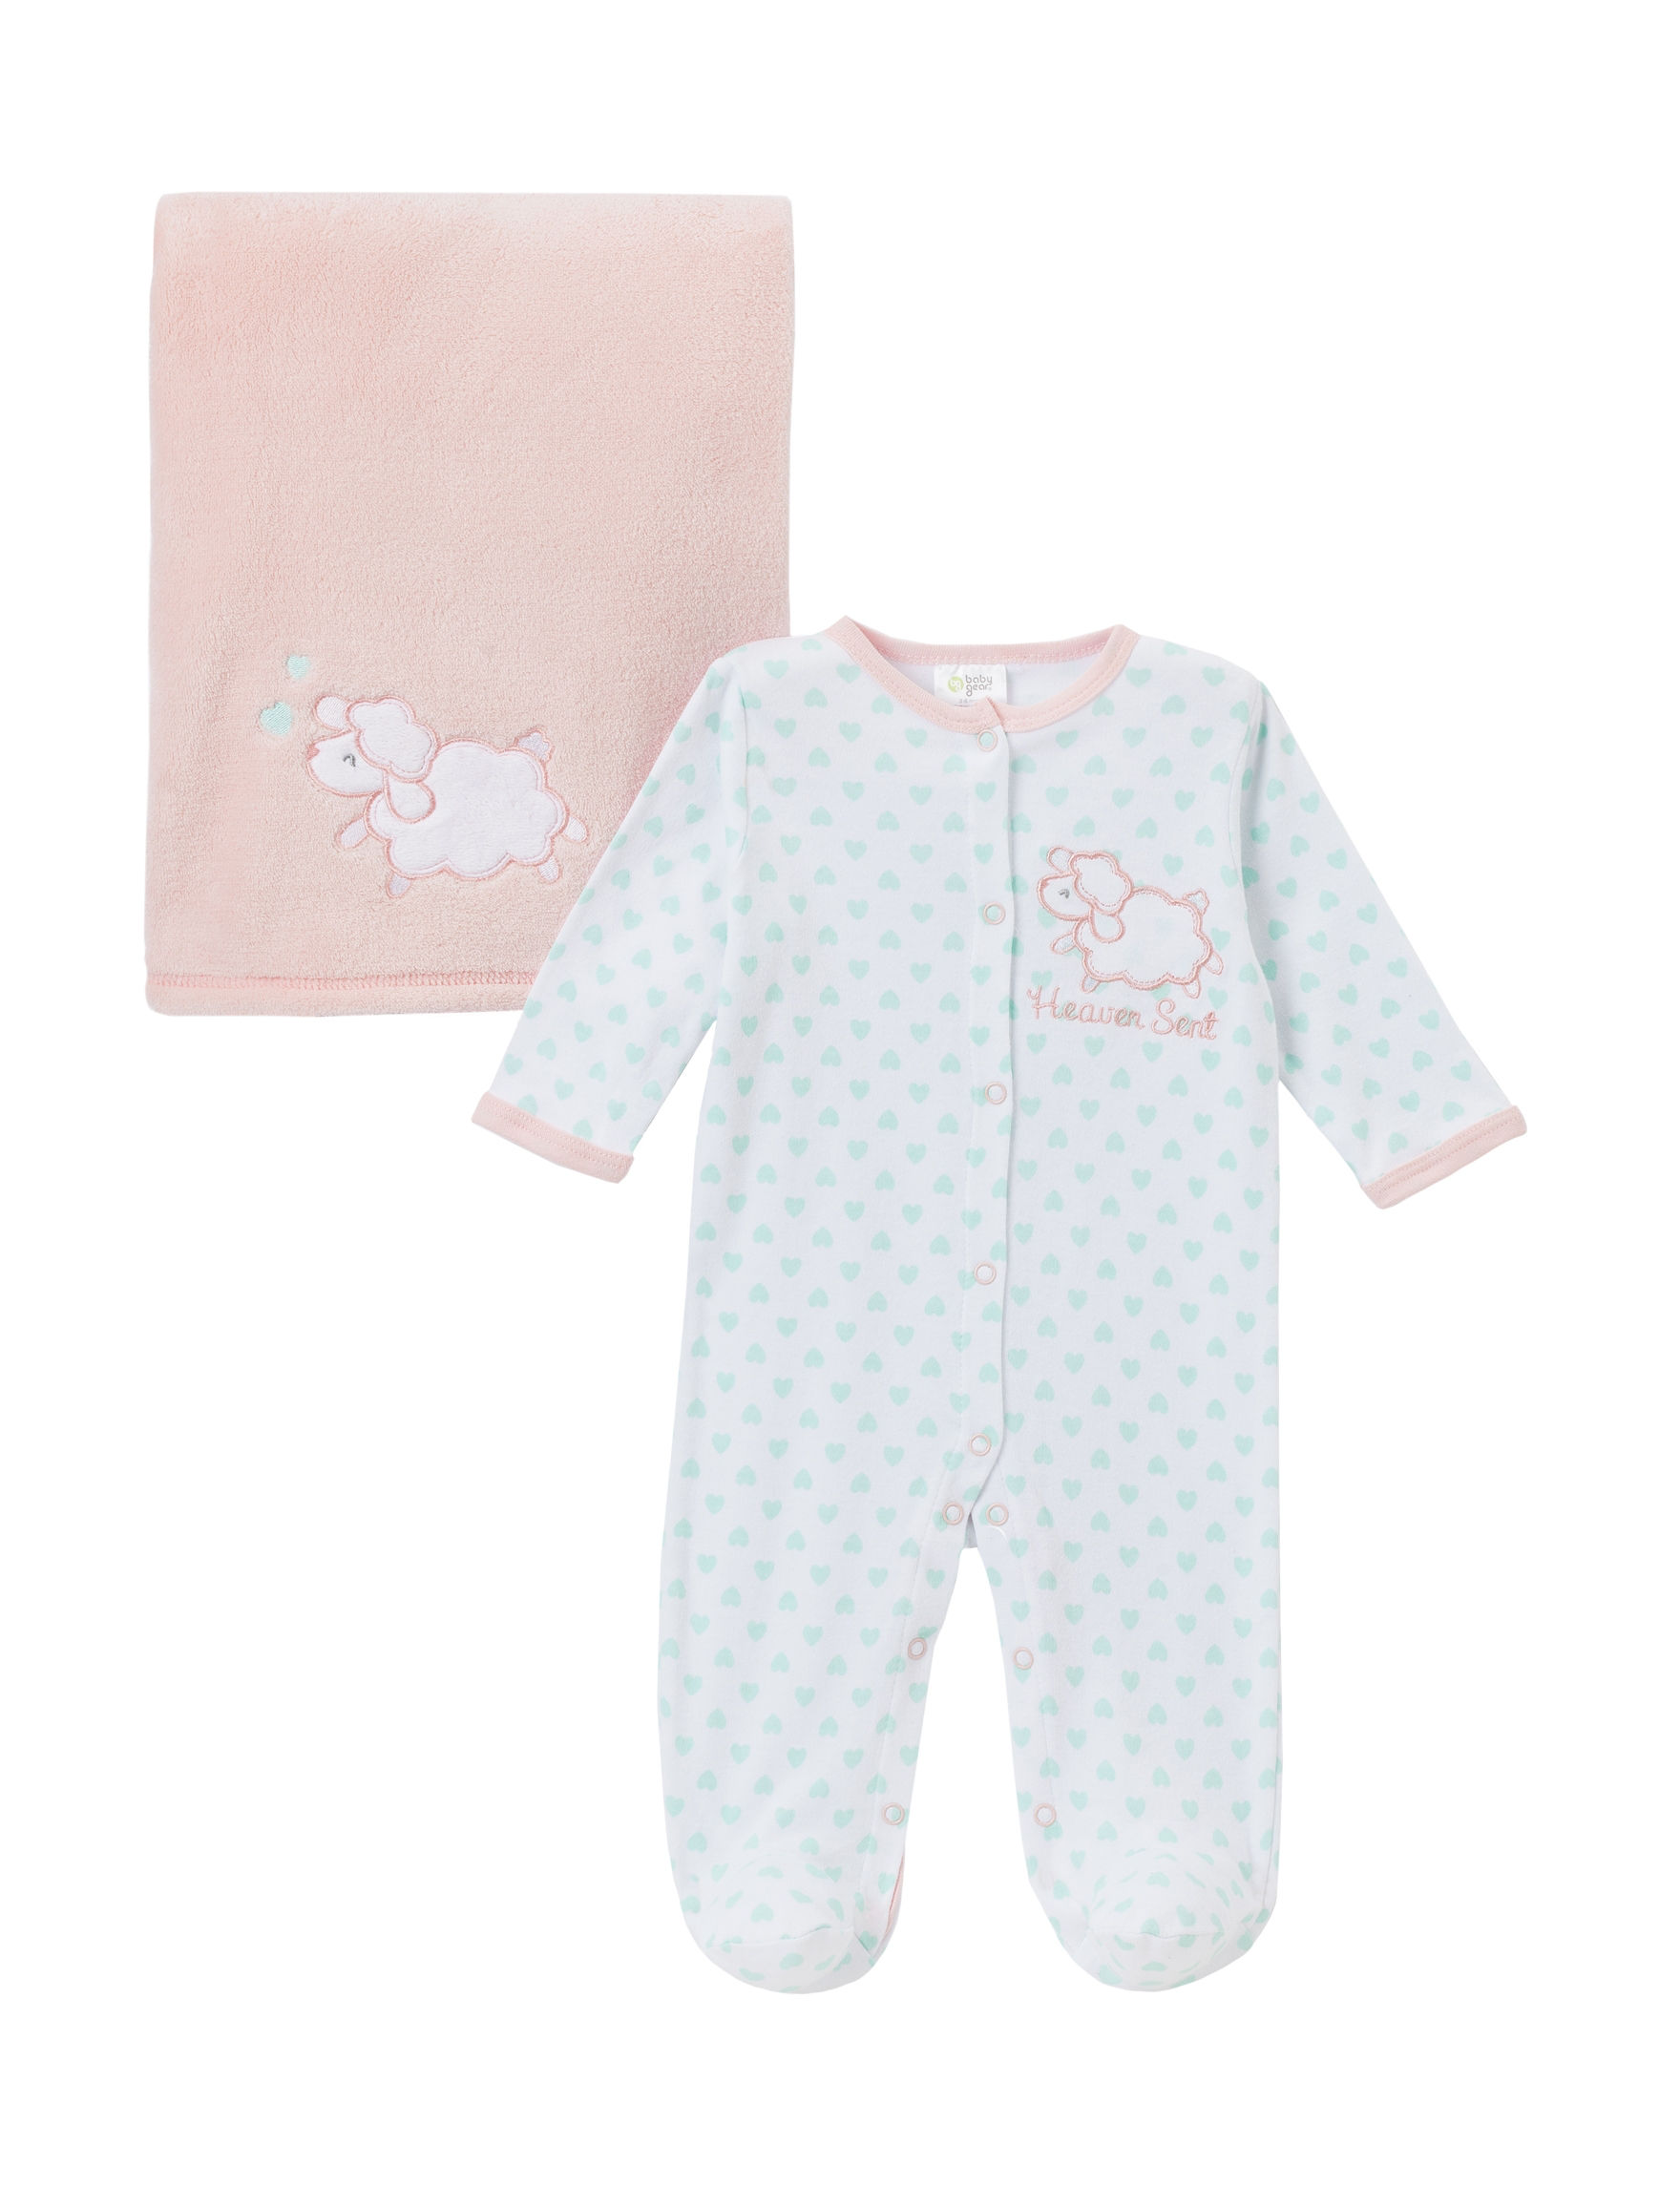 Baby Gear Mint